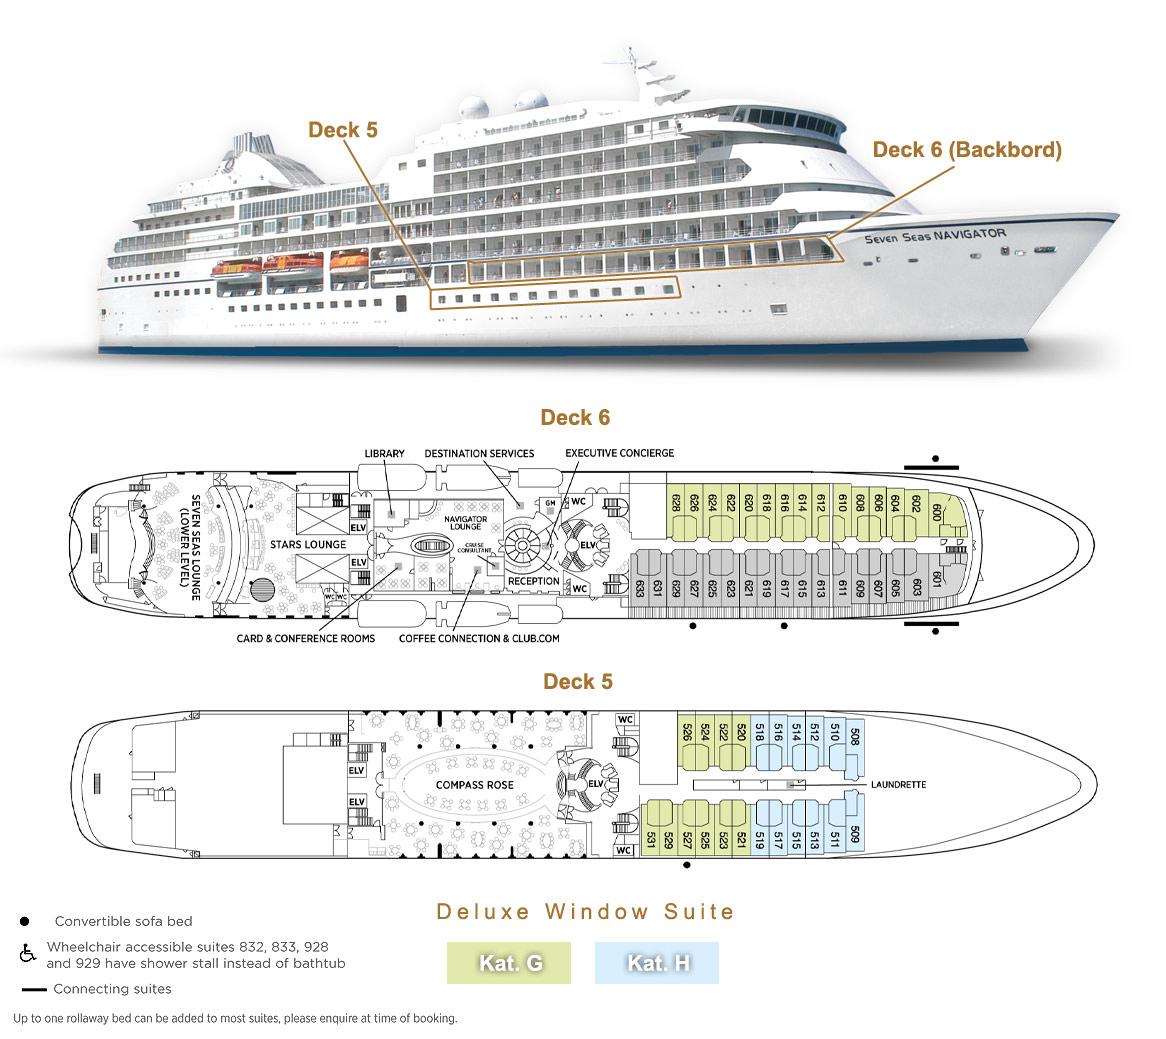 Deluxe Window Suite G / H - Seven Seas Navigator - Bild 3 - Lage Thumb